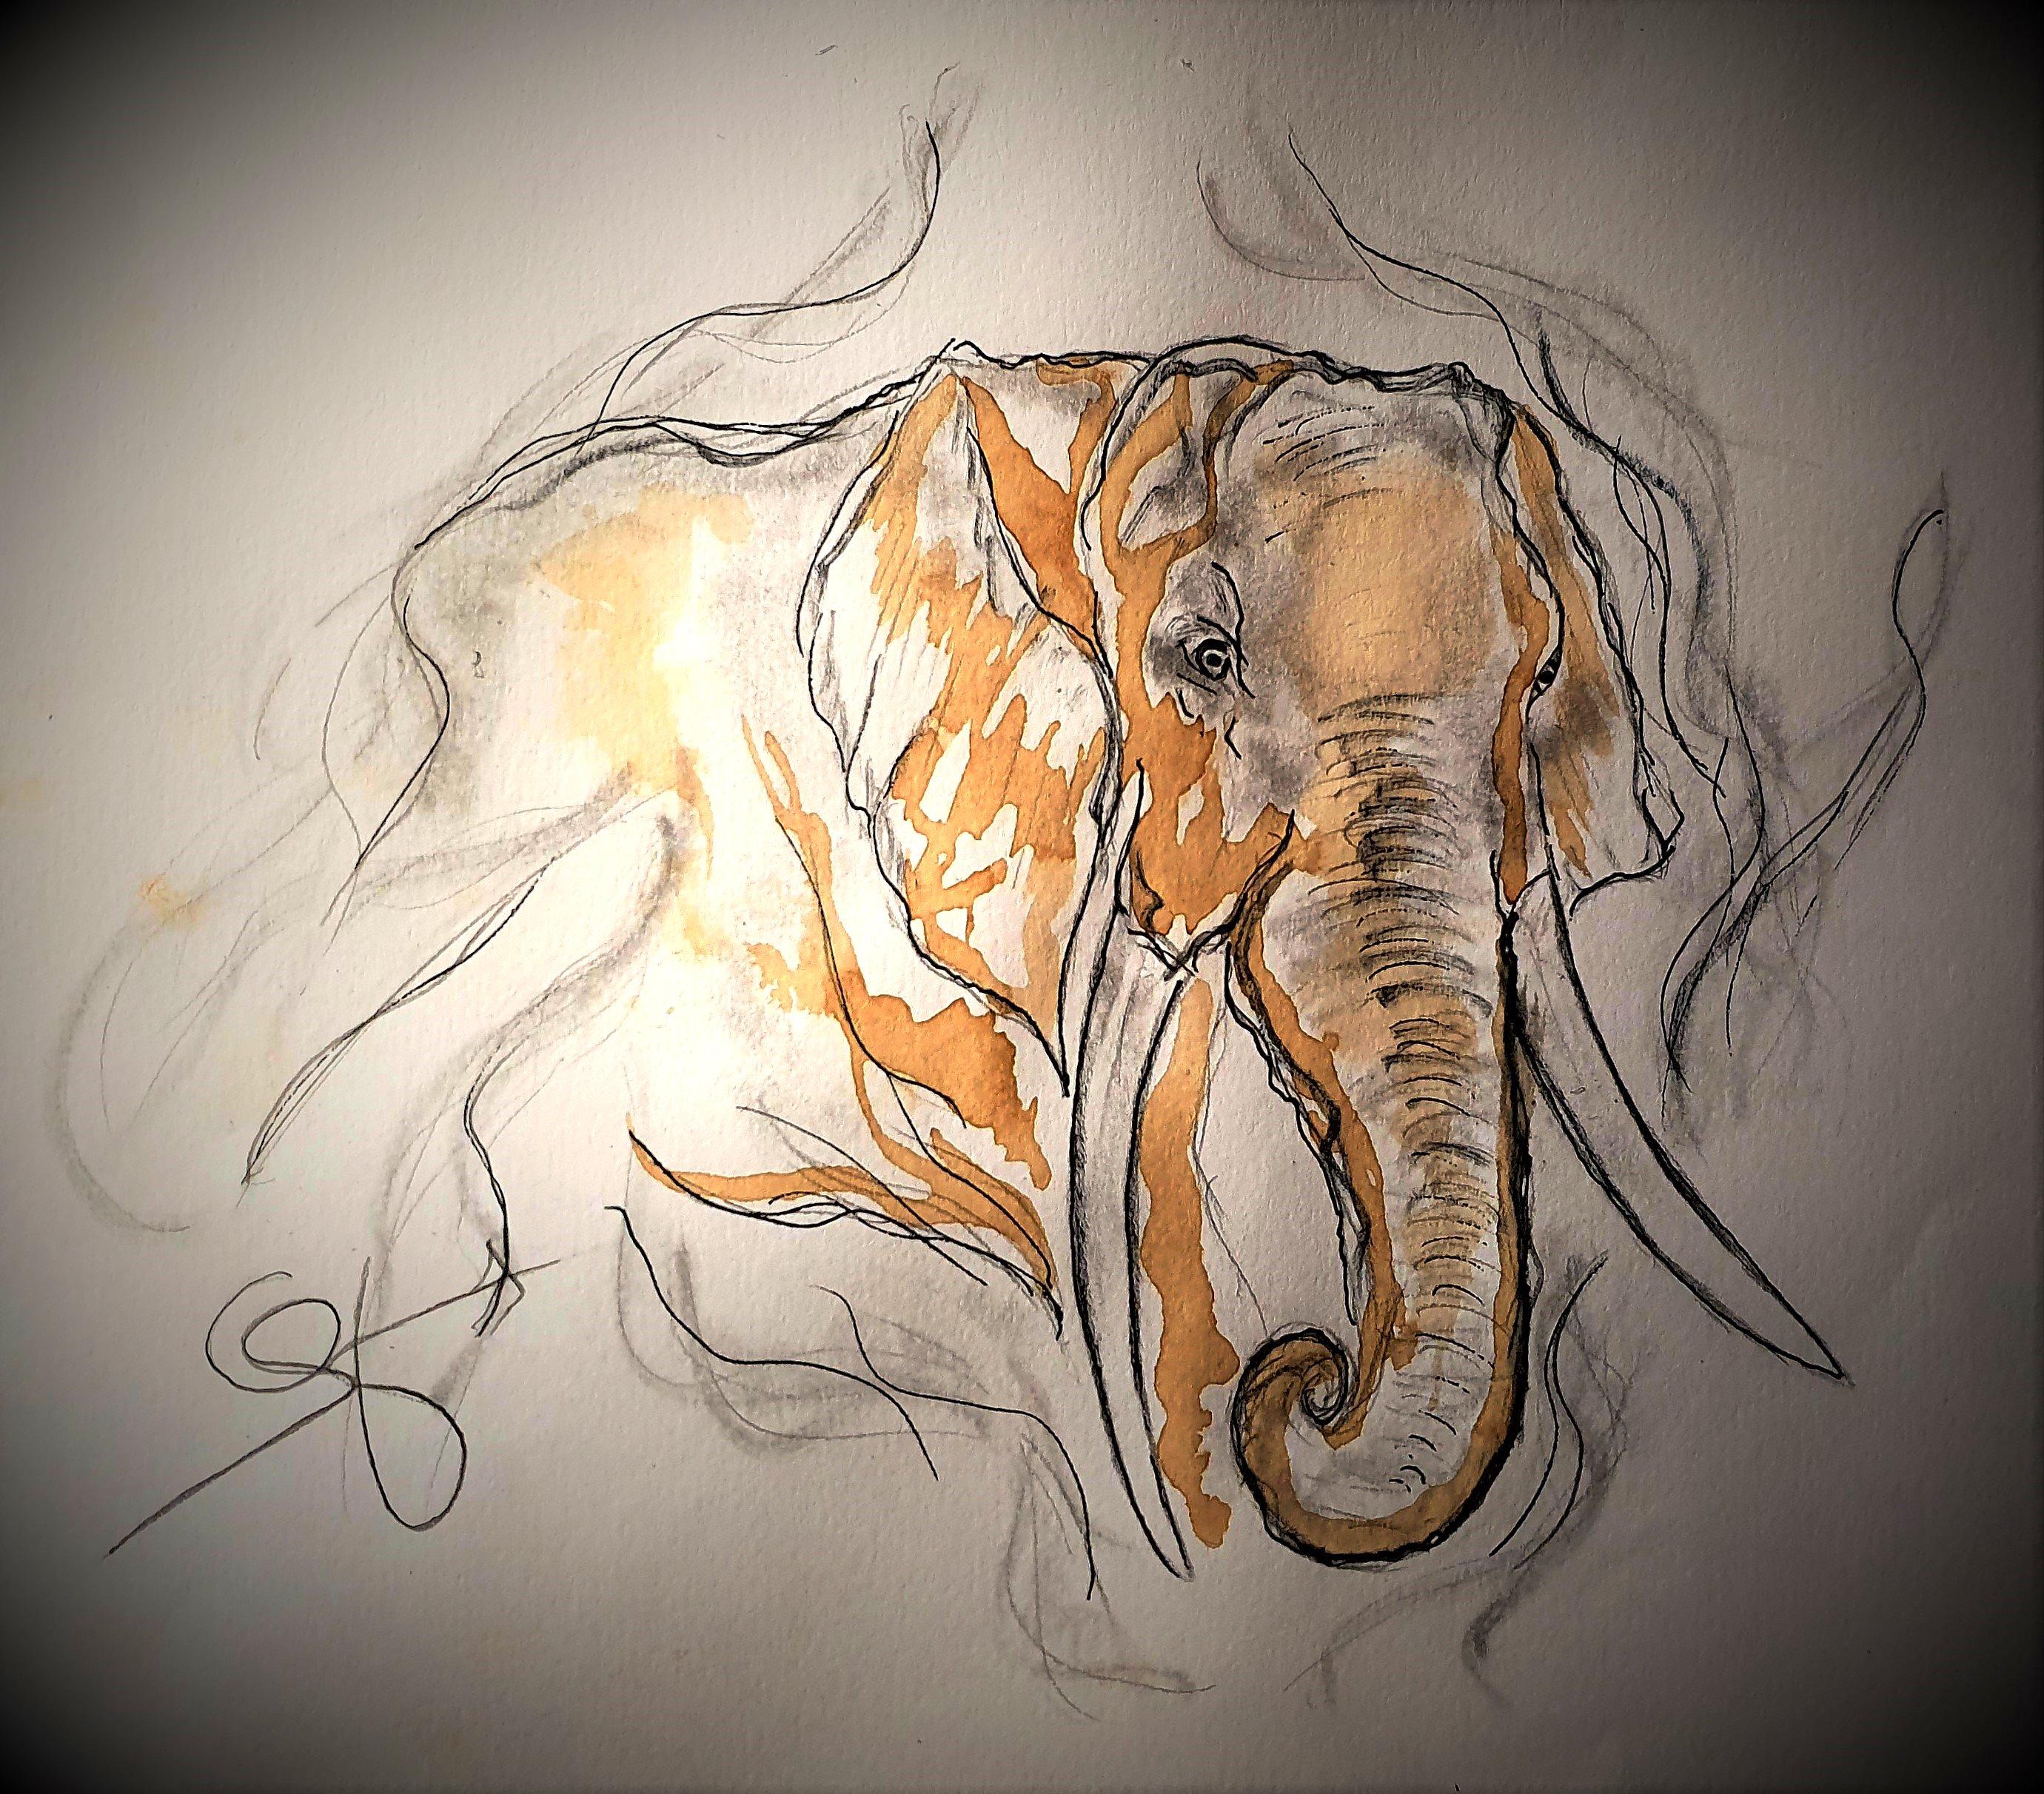 Le mirage de l'éléphant